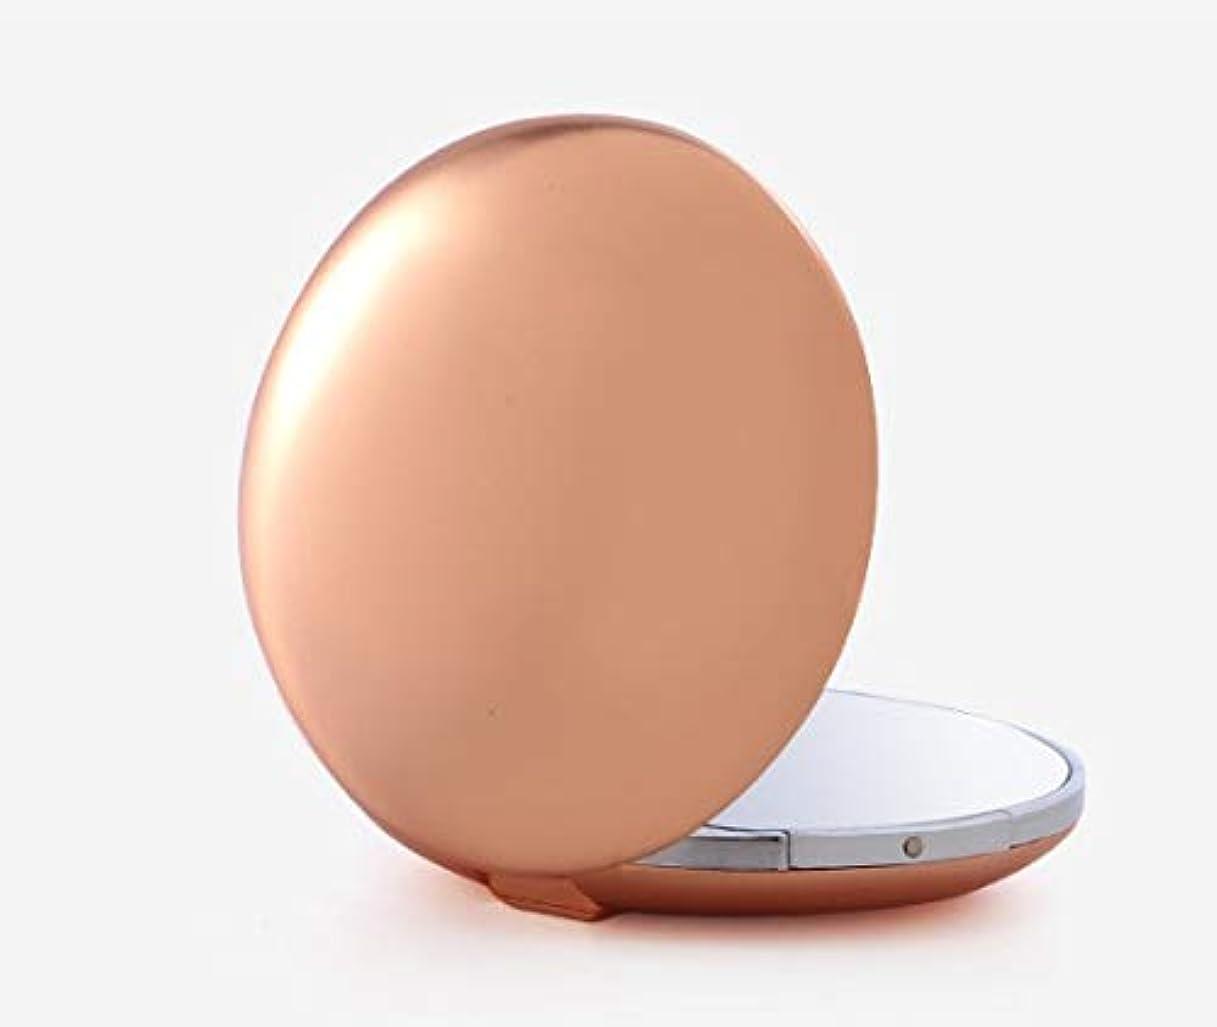 マント貪欲わかりやすい化粧鏡、ゴールド亜鉛合金テクスチャアップグレード化粧鏡化粧鏡化粧ギフト